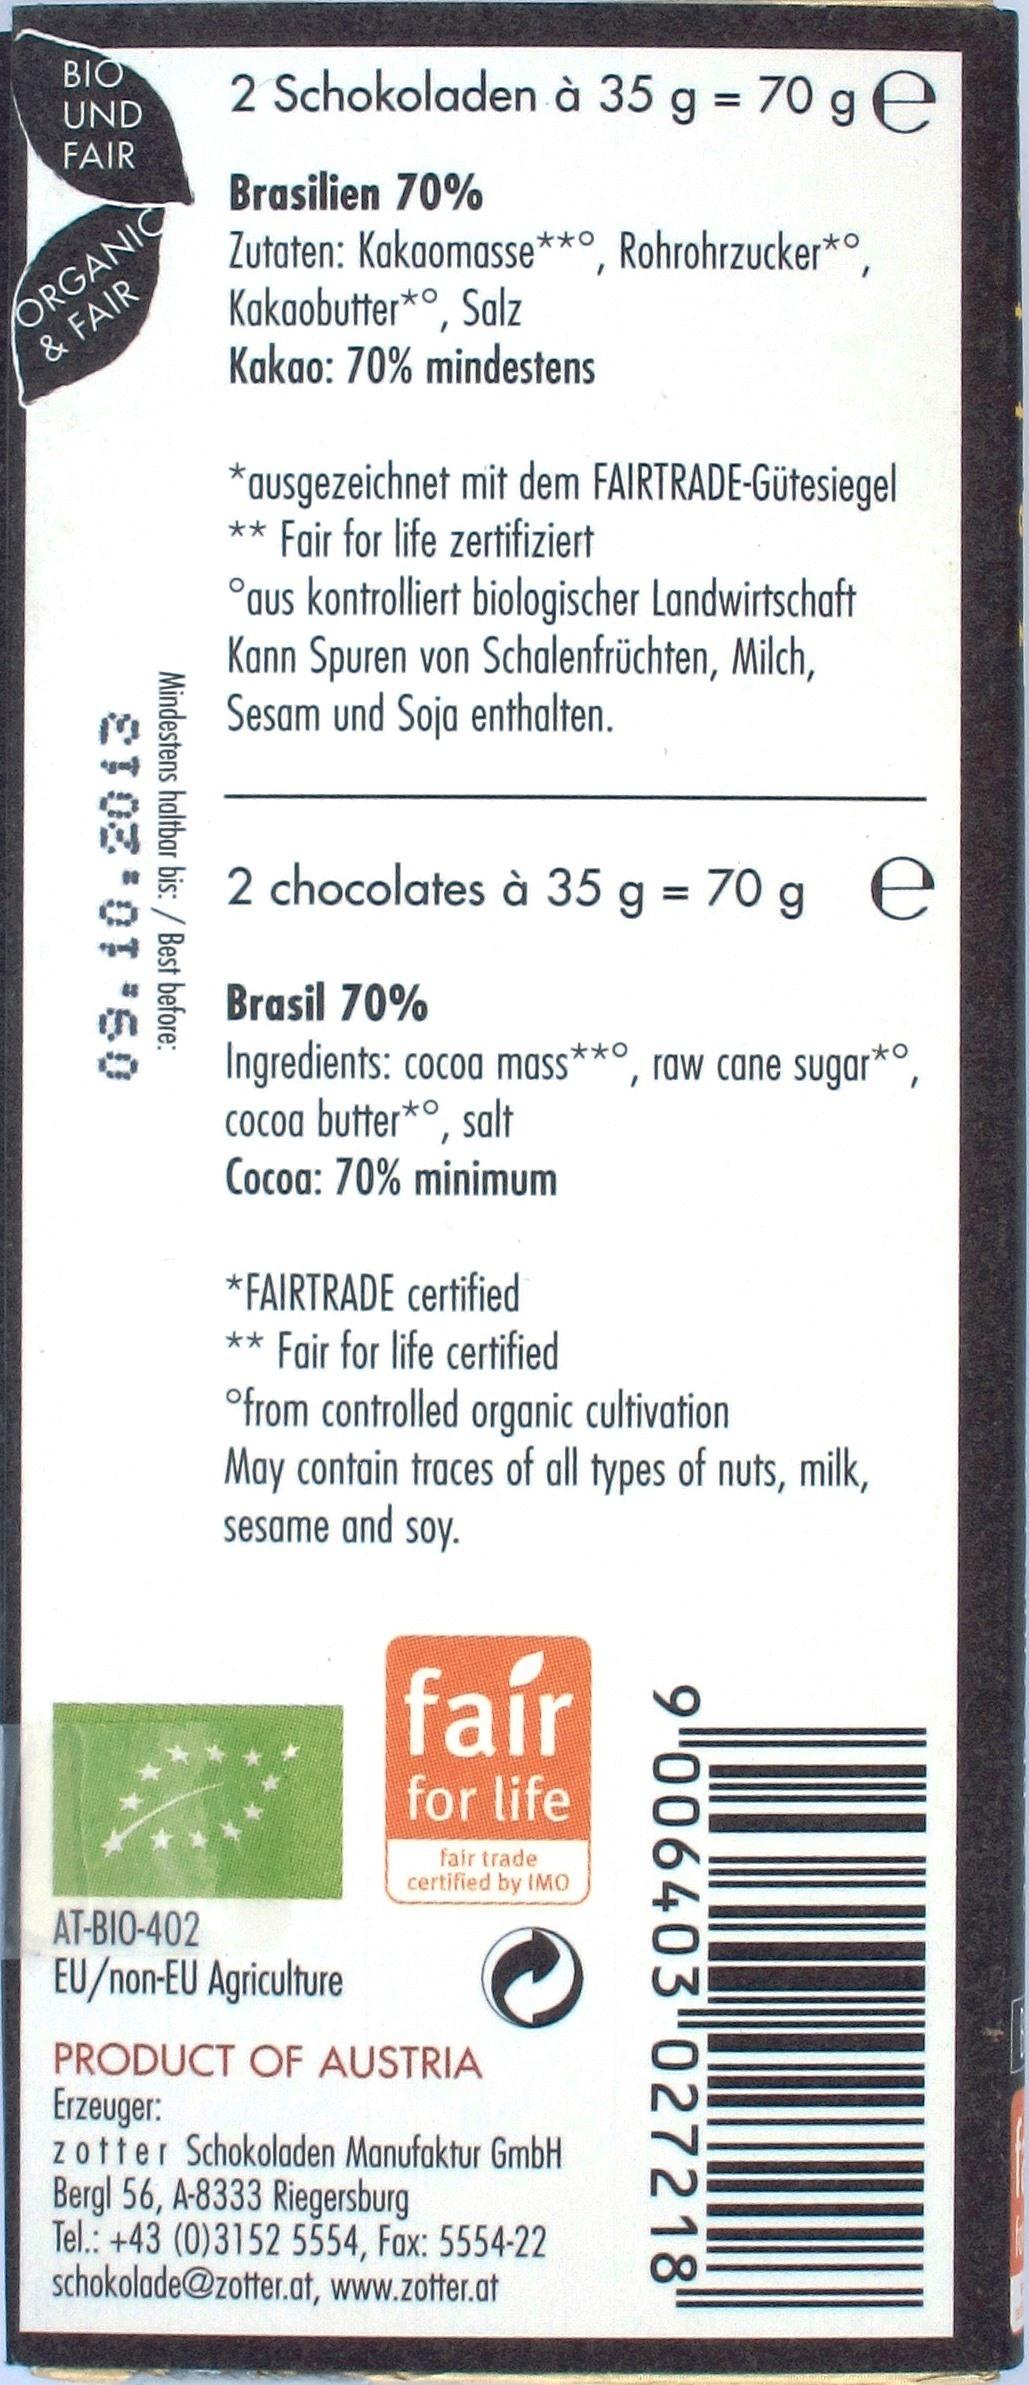 Verpackungsrückseite Zotter/Labooko-Schokolade Brasilien 70%